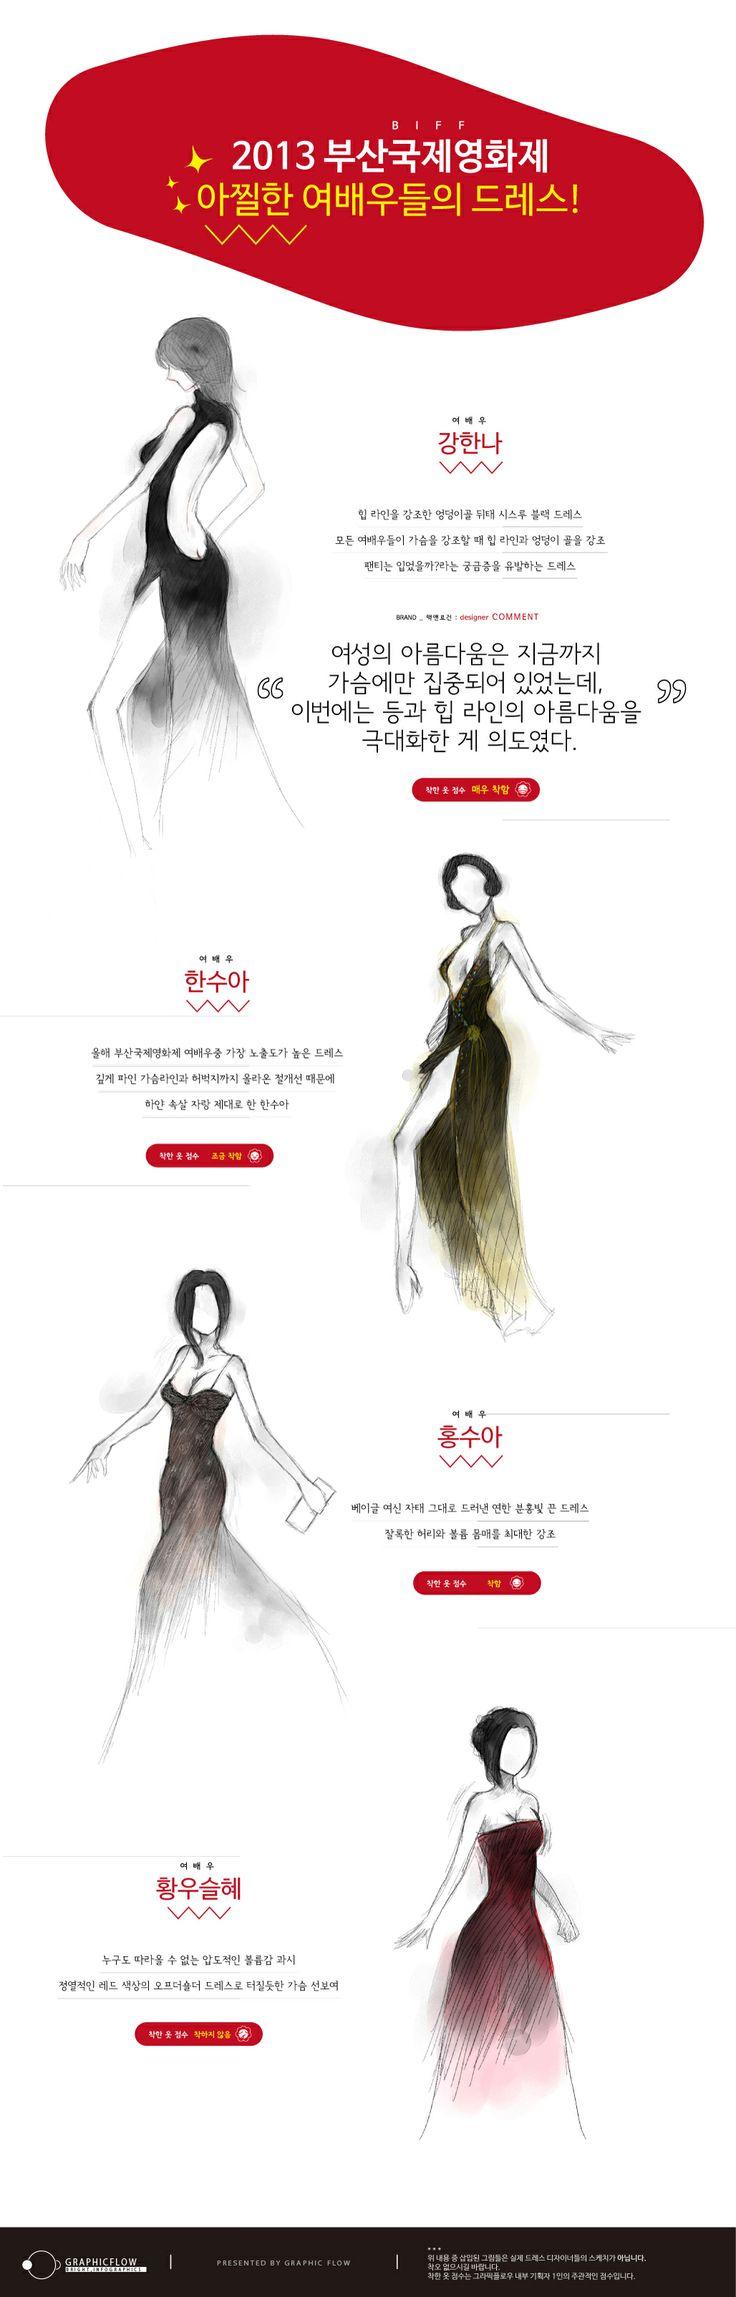 2013 부산국제영화제(BIFF) 아찔한 여배우들의 드레스! 시간은 많이 흘렀지만 작년 가을 부산을 달구었던 가장 핫한 여배우들의 레드카펫 드레스는? #인포그래픽 #부산국제영화제 #BIFF #여배우 #드레스